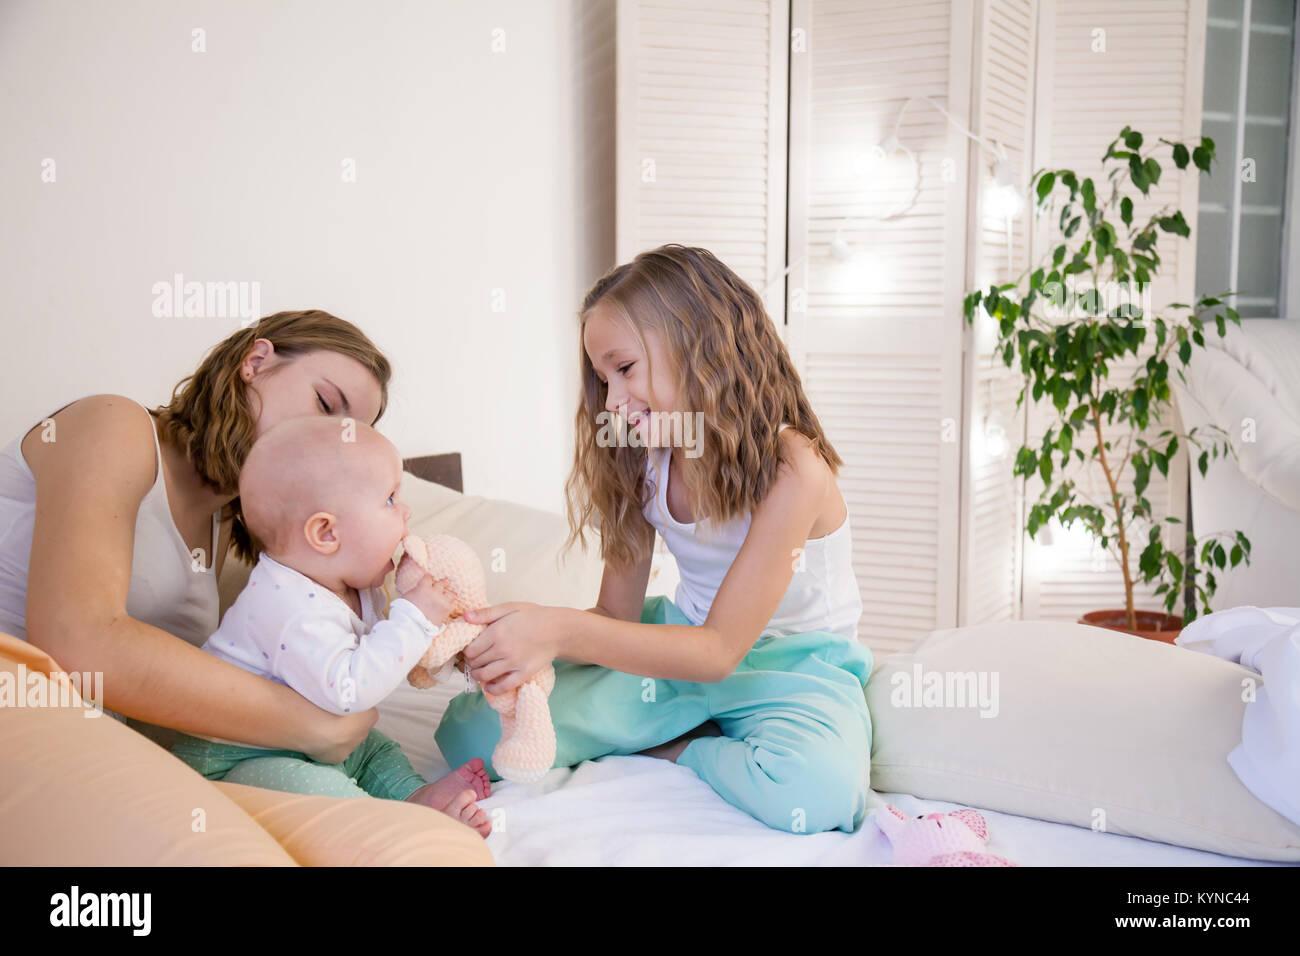 Drei Schwestern spielen Kinder am Morgen im Schlafzimmer Stockfoto